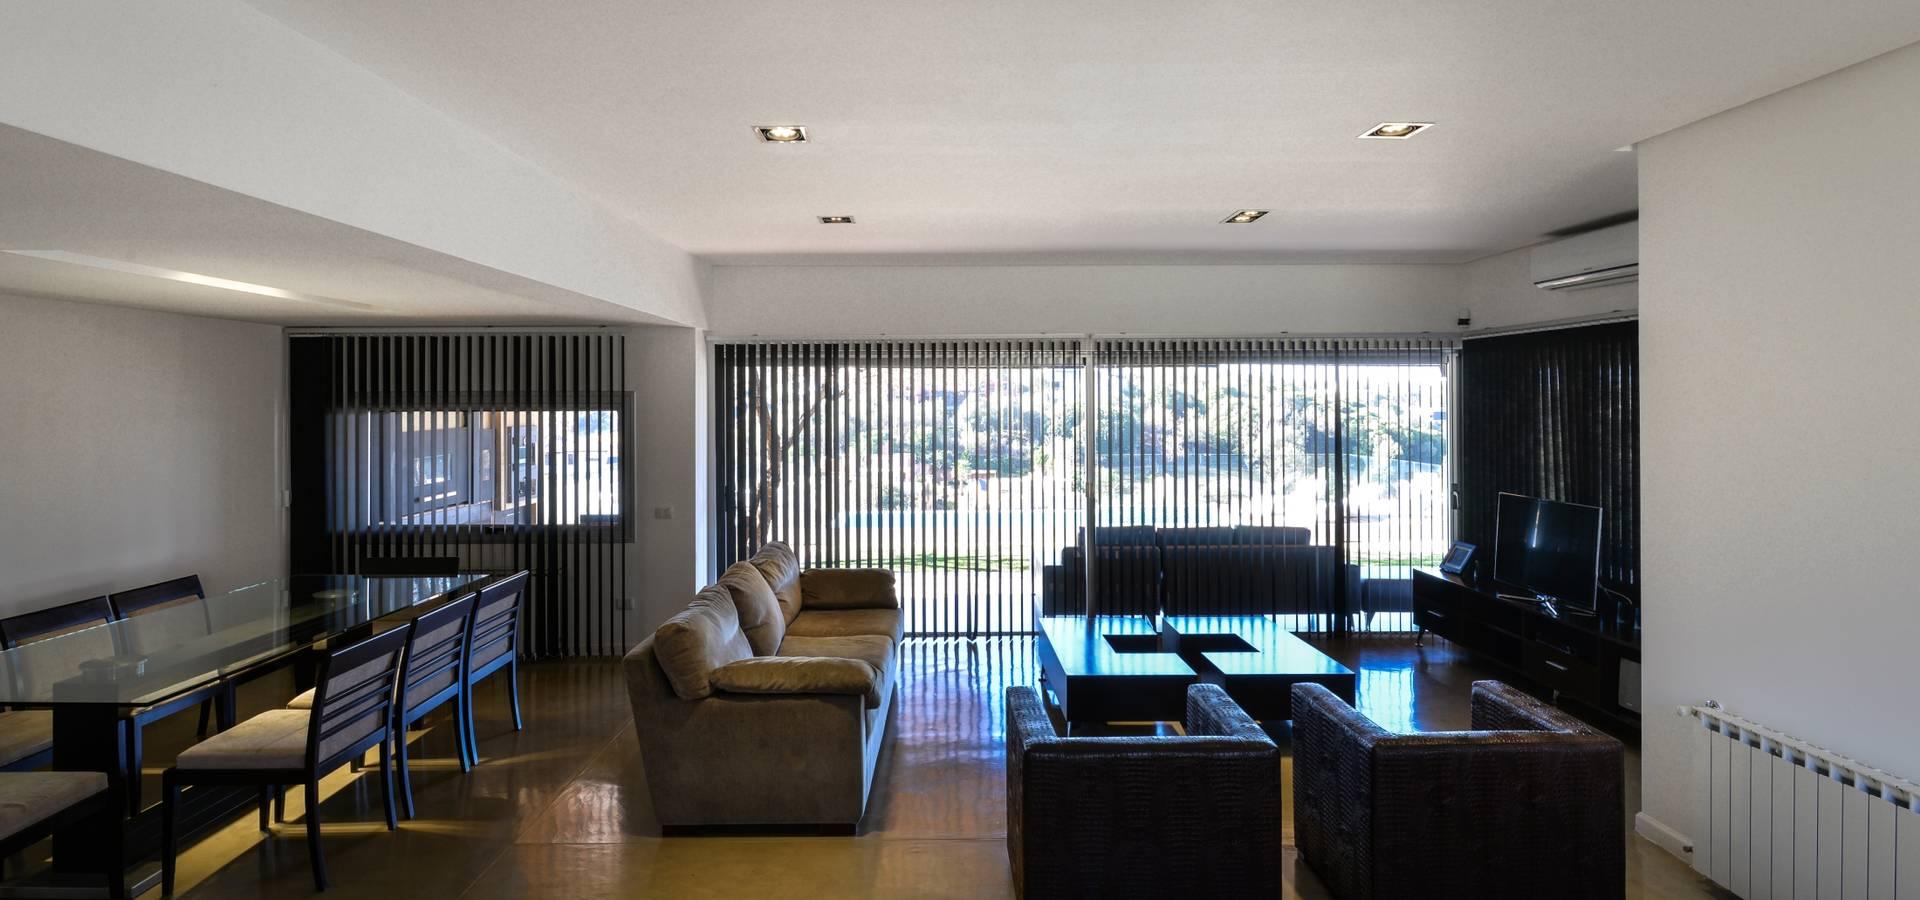 SCHLATTER arquitectura y diseño